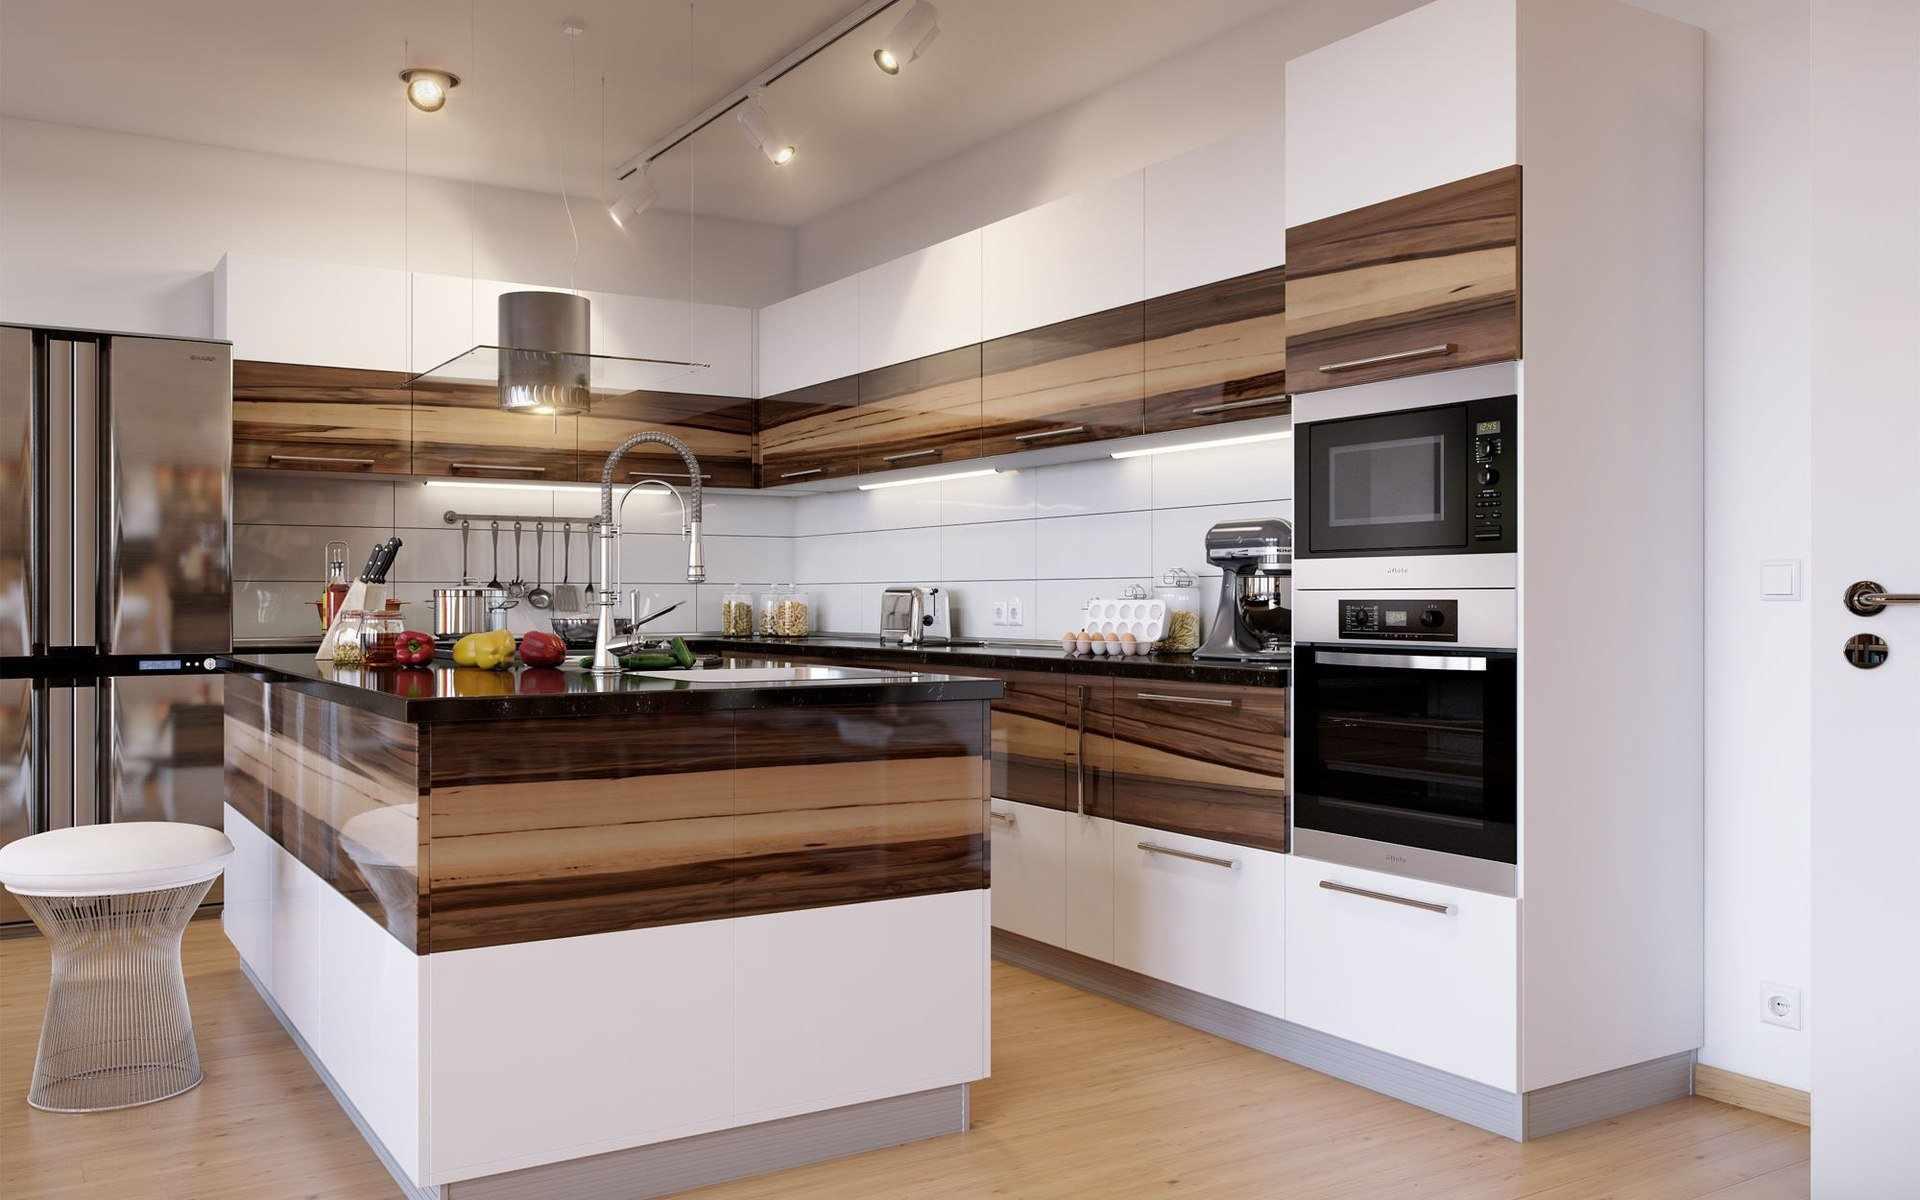 Г-образная планировка кухни: расположение гарнитура